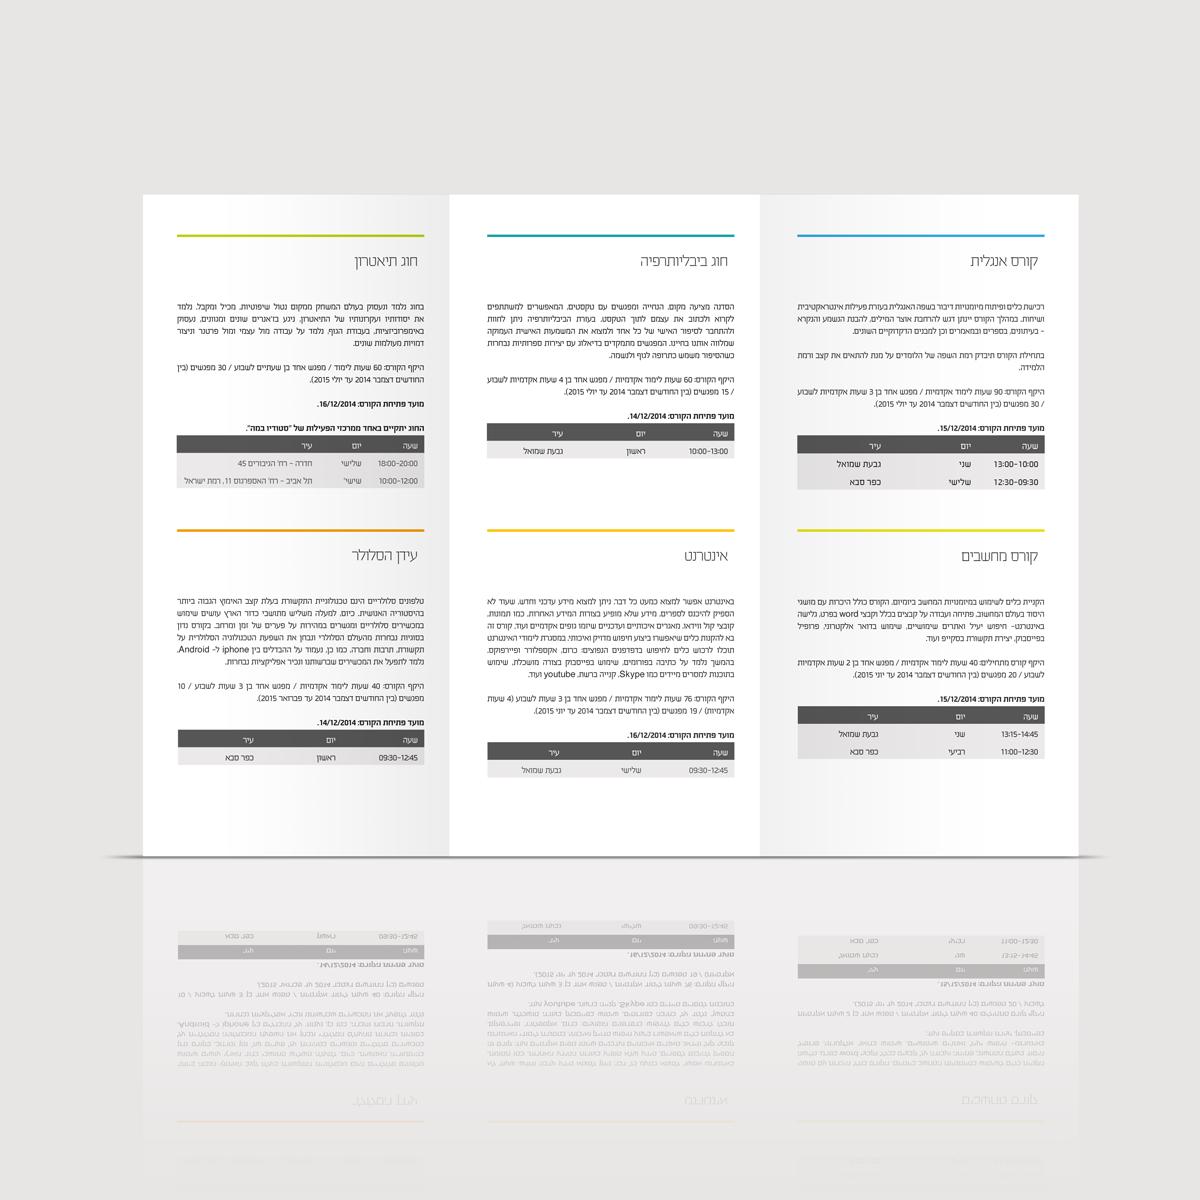 עיצוב גרפי לדפוס, מעצב: רון ידלין